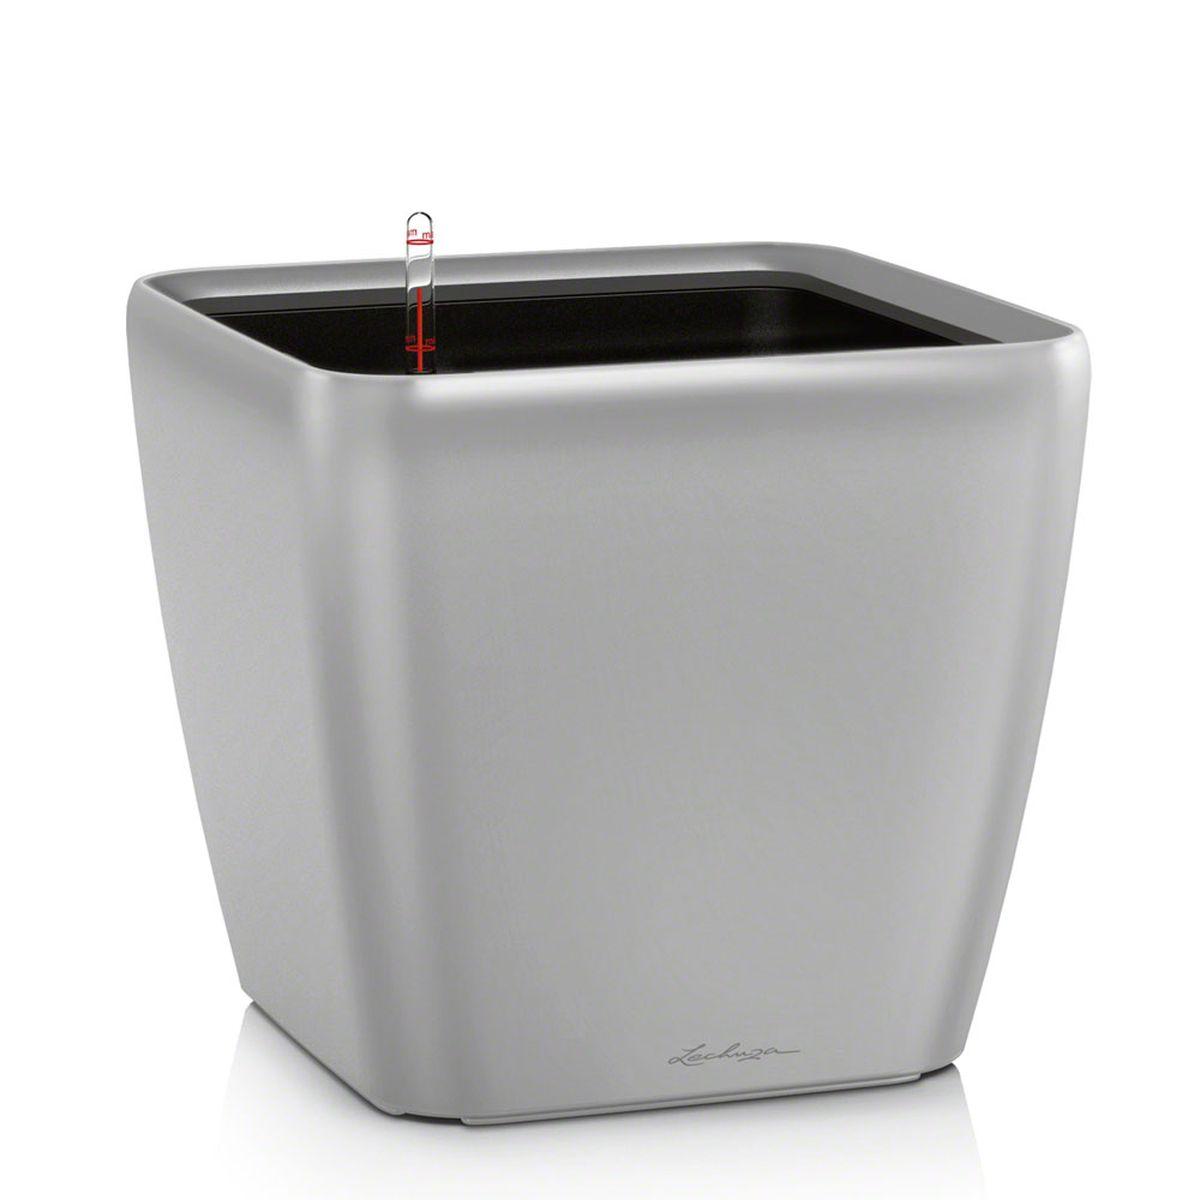 Кашпо Lechuza Quadro, с системой автополива, цвет: серебристый, 43 х 43 х 40 см16188Кашпо Lechuza Quadro, выполненное из высококачественного пластика, имеет уникальную систему автополива, благодаря которой корневая система растения непрерывно снабжается влагой из резервуара. Уровень воды в резервуаре контролируется с помощью специального индикатора. В зависимости от размера кашпо и растения воды хватает на 2-12 недель. Это способствует хорошему росту цветов и предотвращает переувлажнение.В набор входит: кашпо, внутренний горшок, индикатор уровня воды, вал подачи воды, субстрат растений в качестве дренажного слоя, резервуар для воды. Кашпо Lechuza Quadro прекрасно впишется в любой интерьер. Оно поможет расставить нужные акценты, а также придаст помещению вид, соответствующий вашим представлениям.